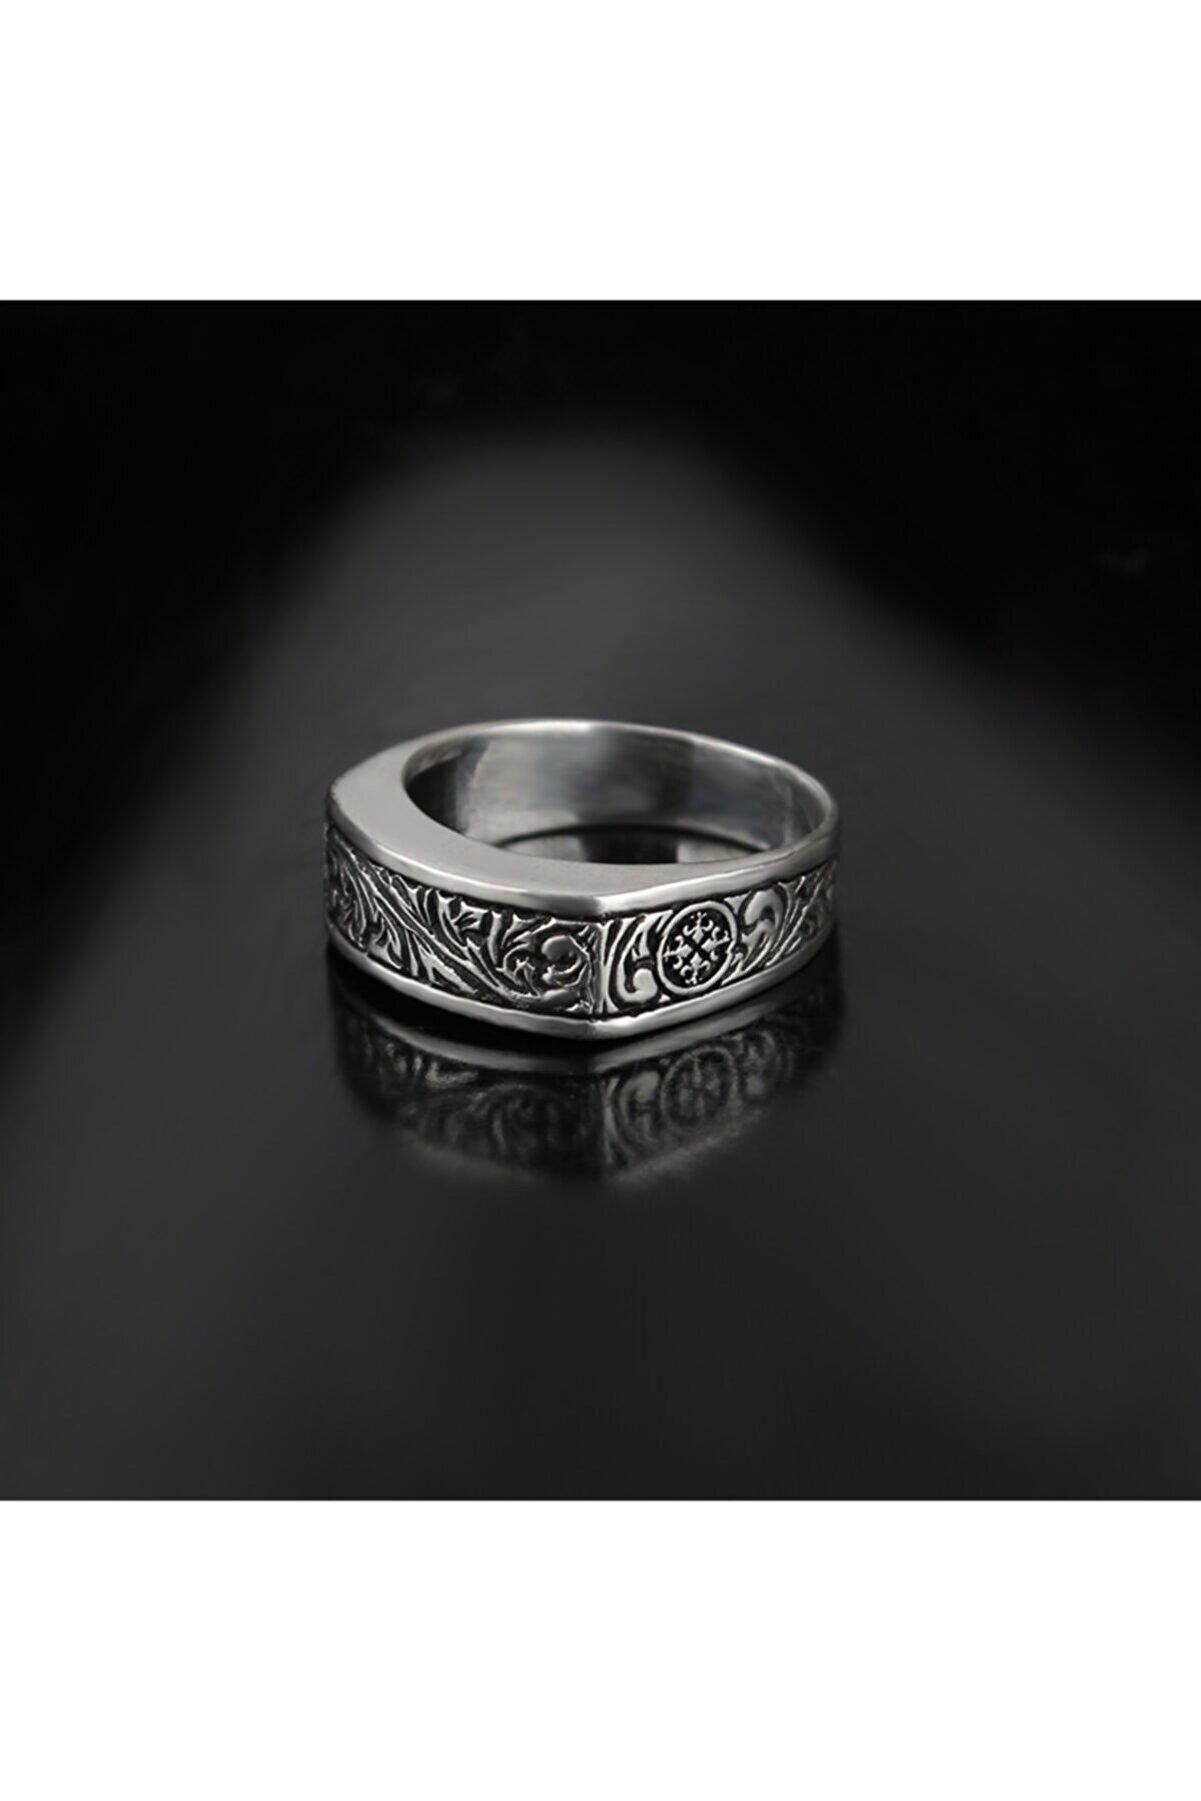 KsrModa El Yapımı Kalem Işçilikli 925 Ayar Erkek Gümüş Yüzük